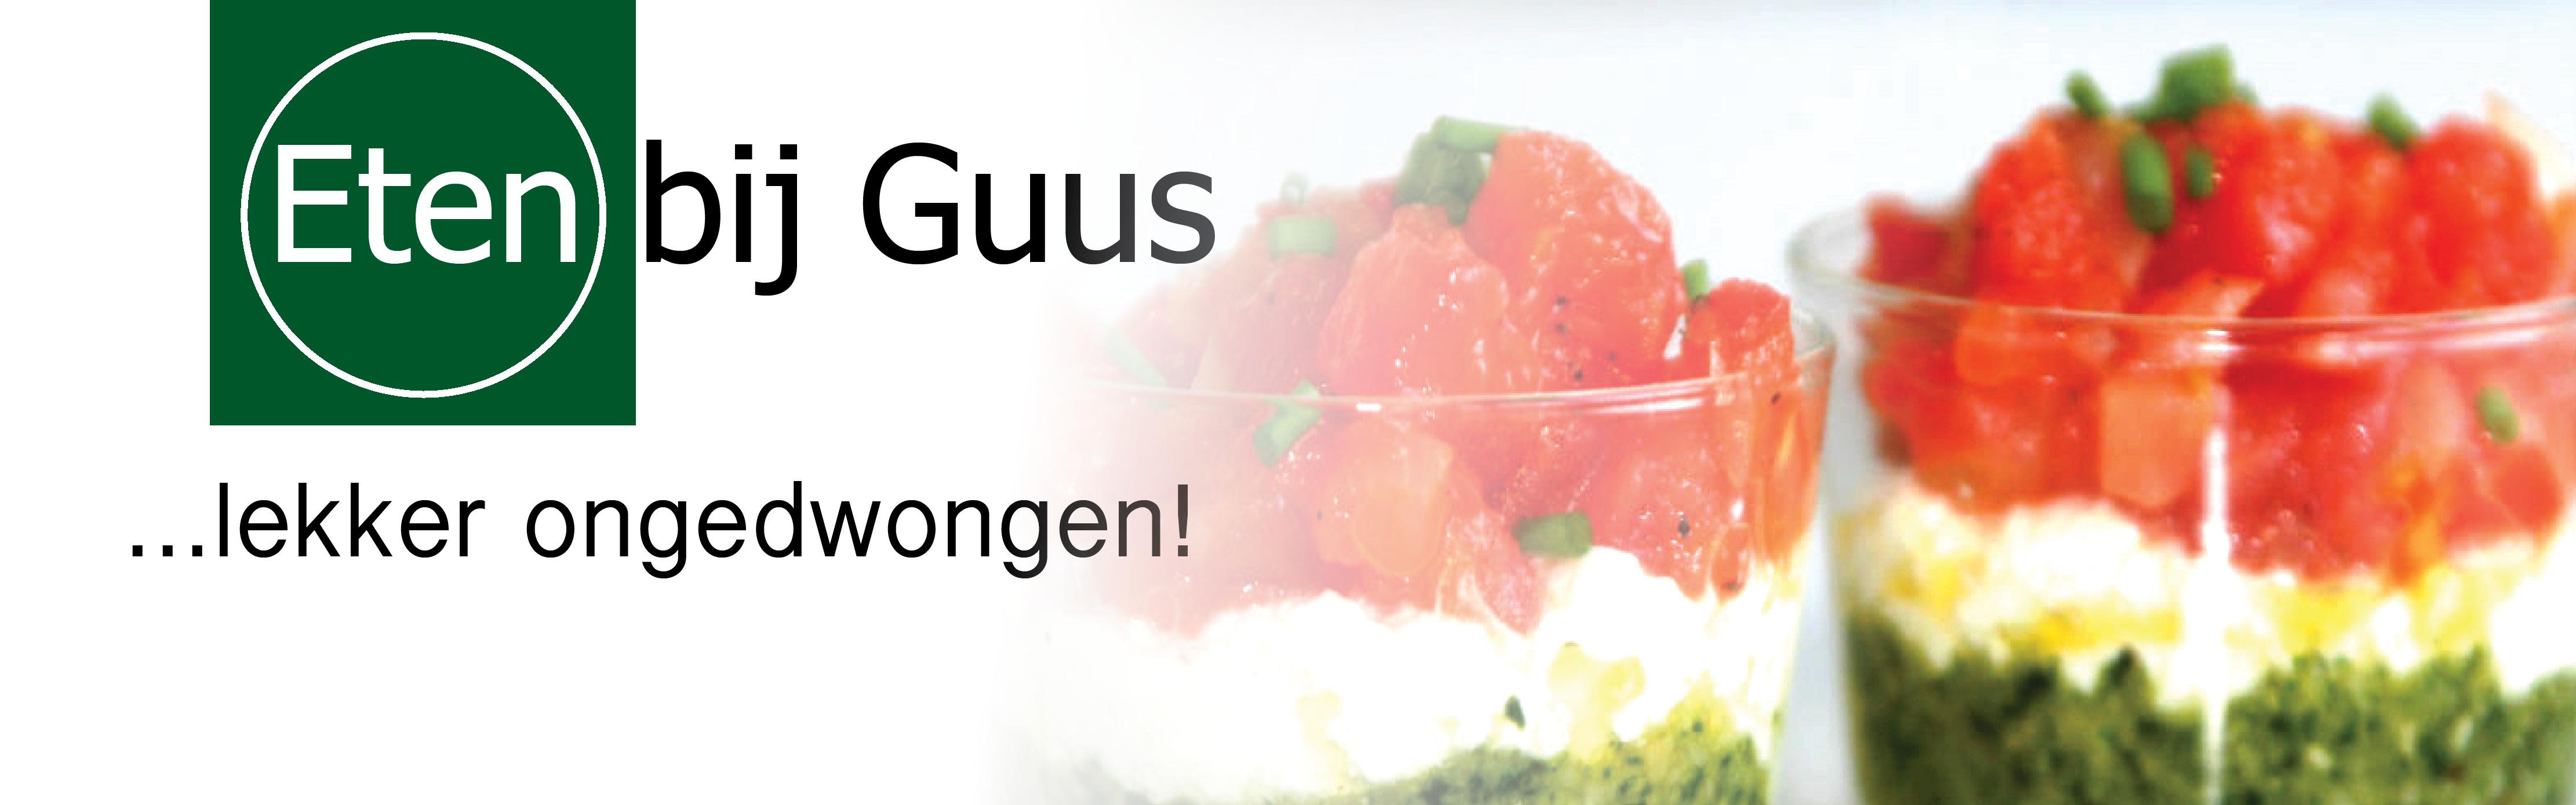 Eten bij Guus